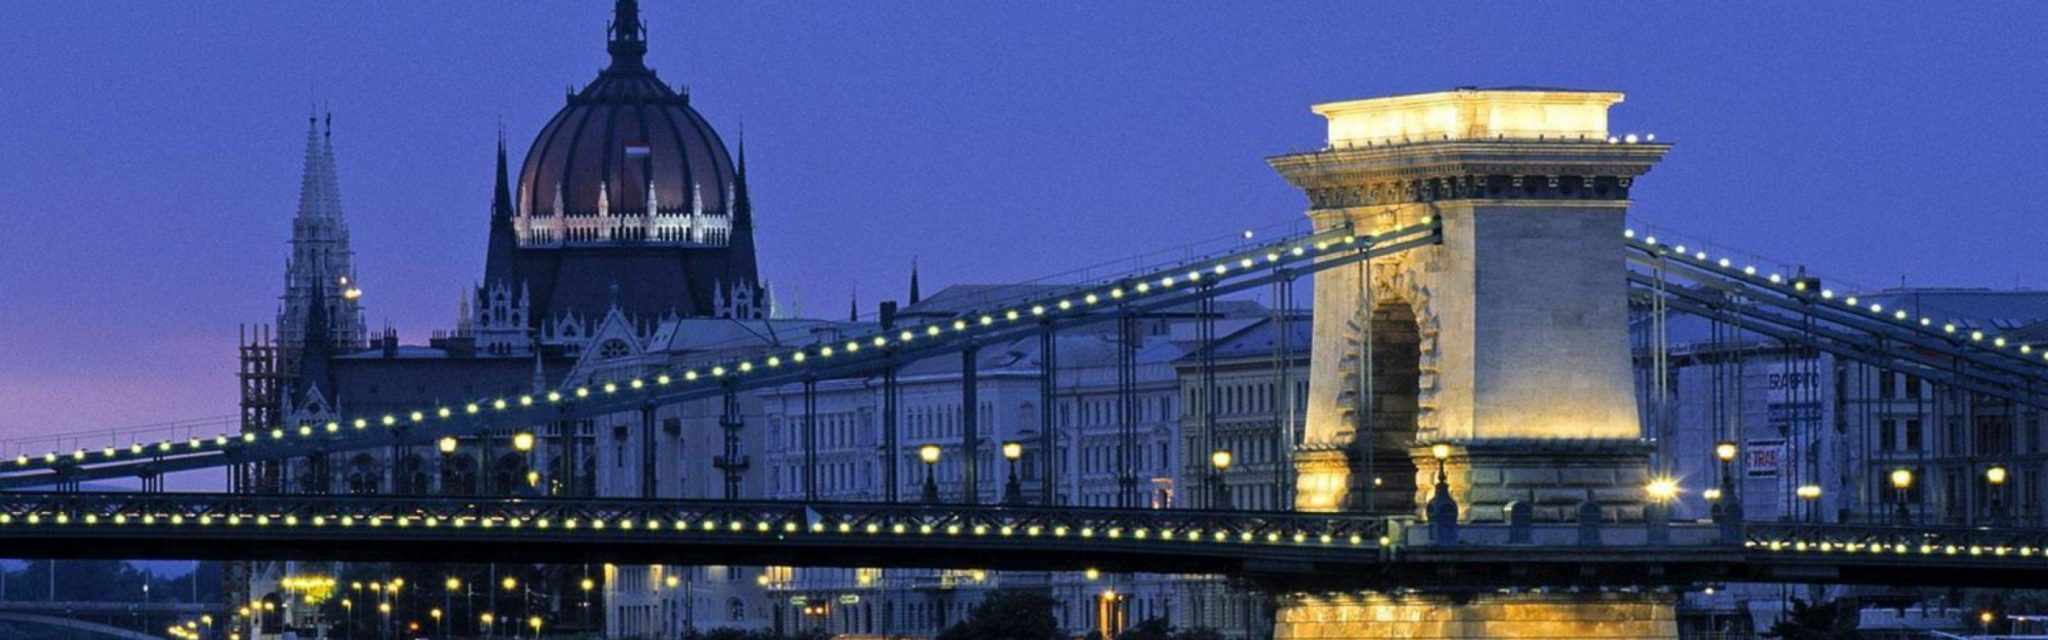 szechenyi-bridge-budapest-hungary-1050x3360_0a49434939d057e6390d058cecd8e918